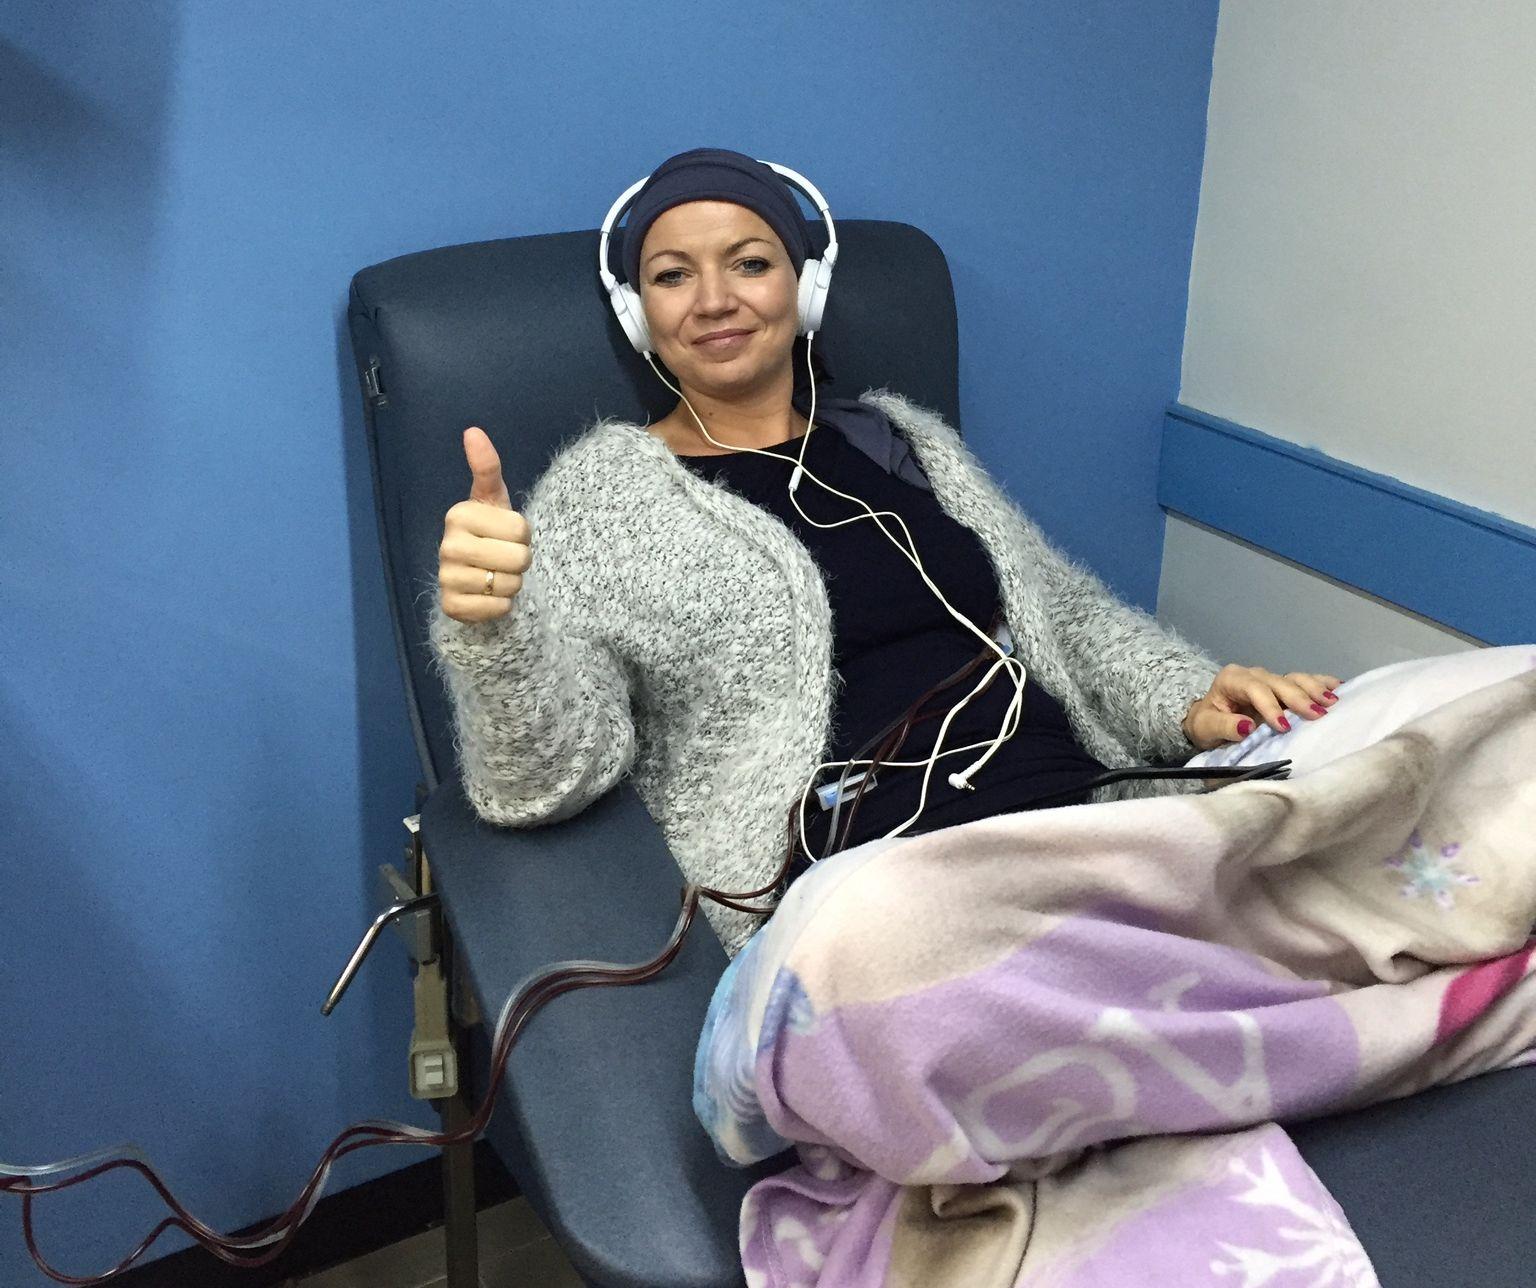 FIKK TILBAKEFALL: Her er Haugen avbildet da hun var i Mexico i 2016 for stamcellebehandling mot MS. I etterkant har hun fått tilbakefall, og har nå en støttegruppe som samler inn penger for ny behandling i Moskva til sommeren.